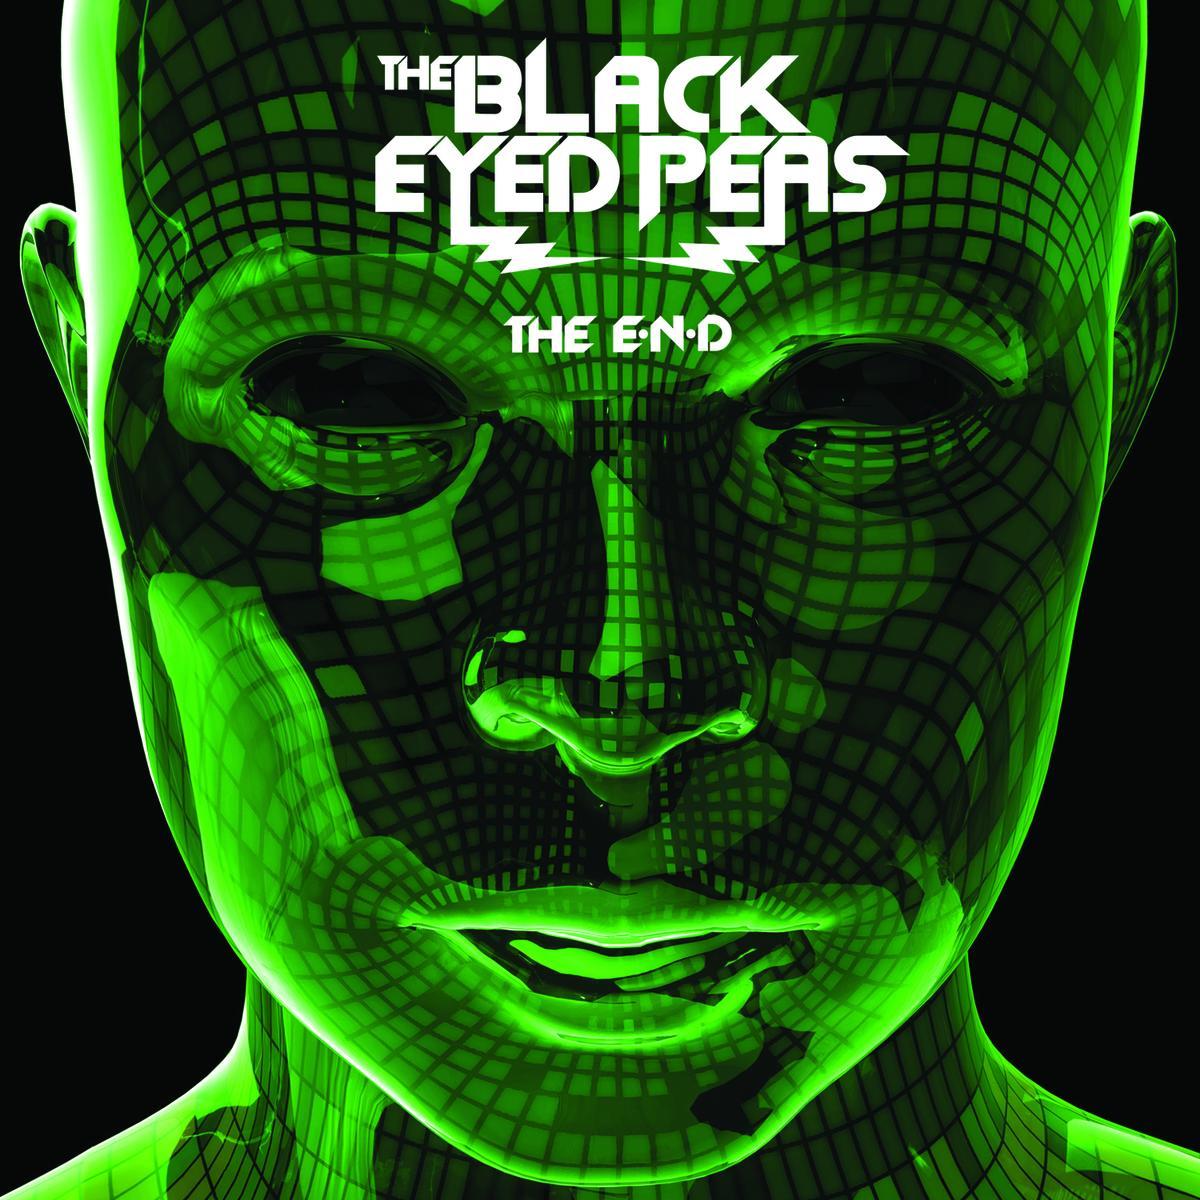 descargar musica de los black eyed peas